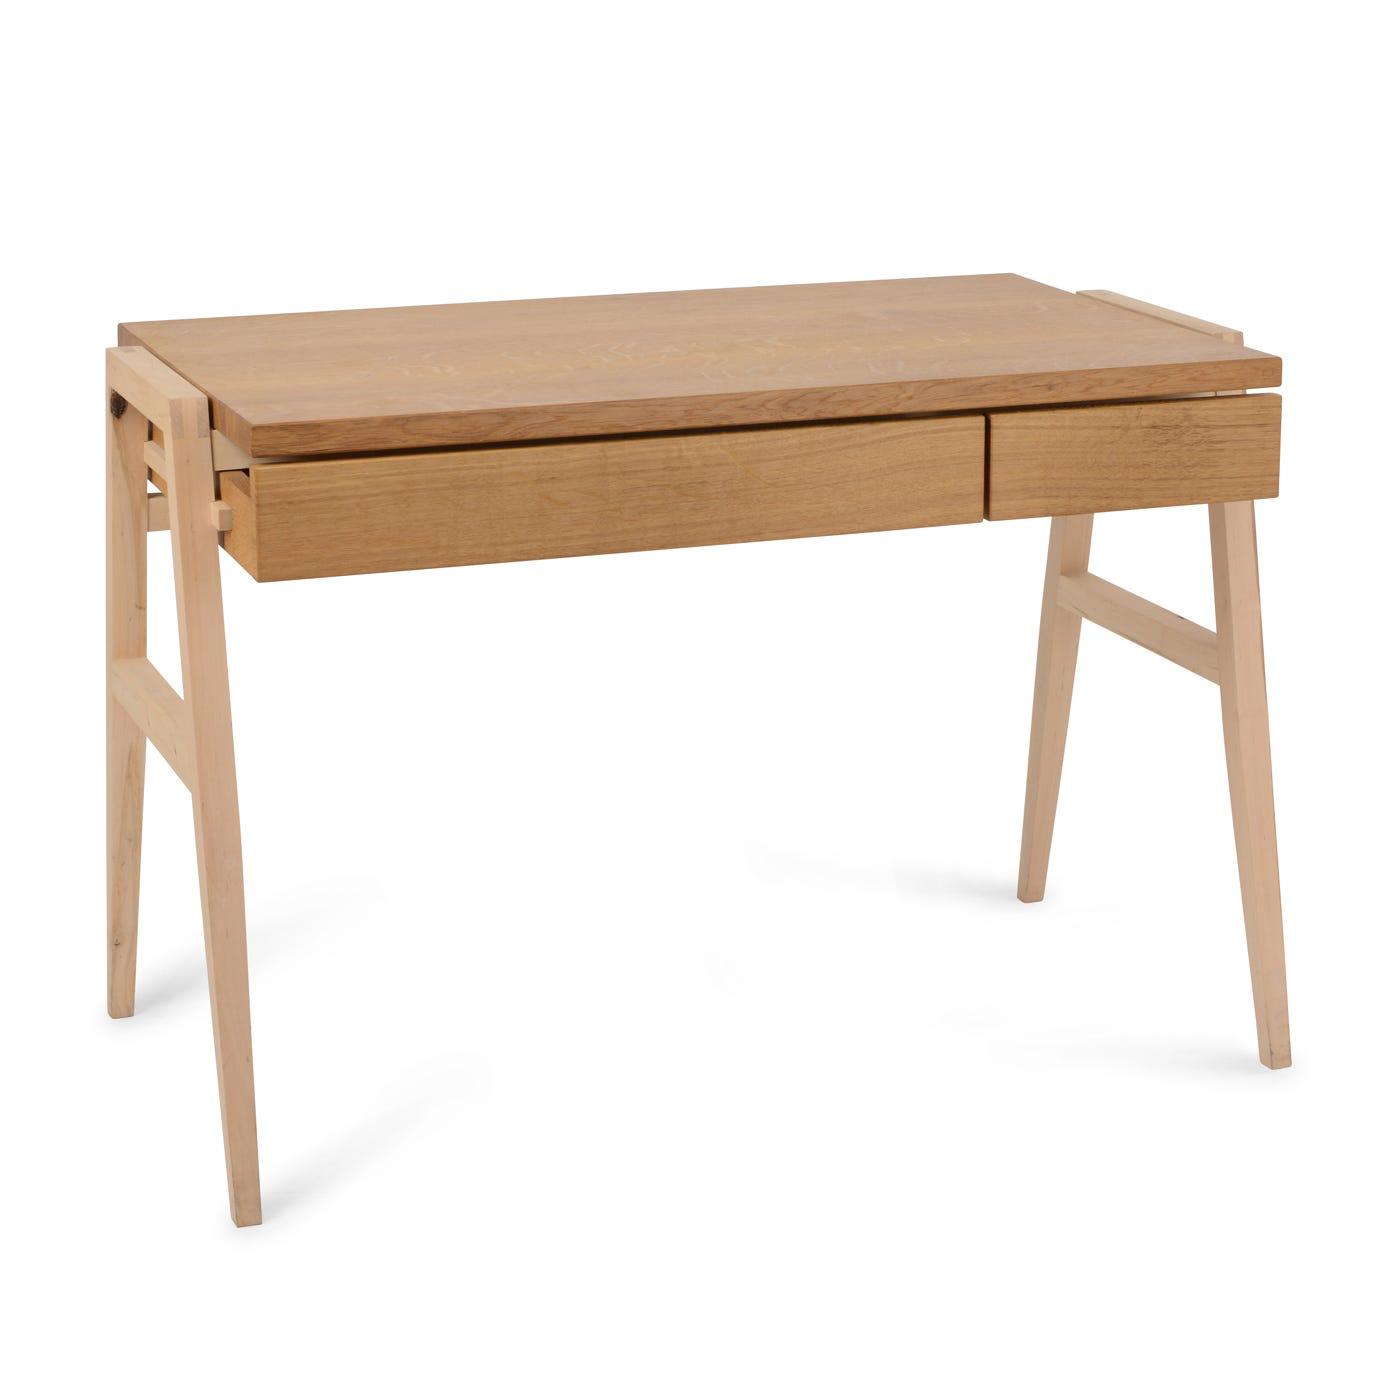 Heal's Oak And Hazel Desk